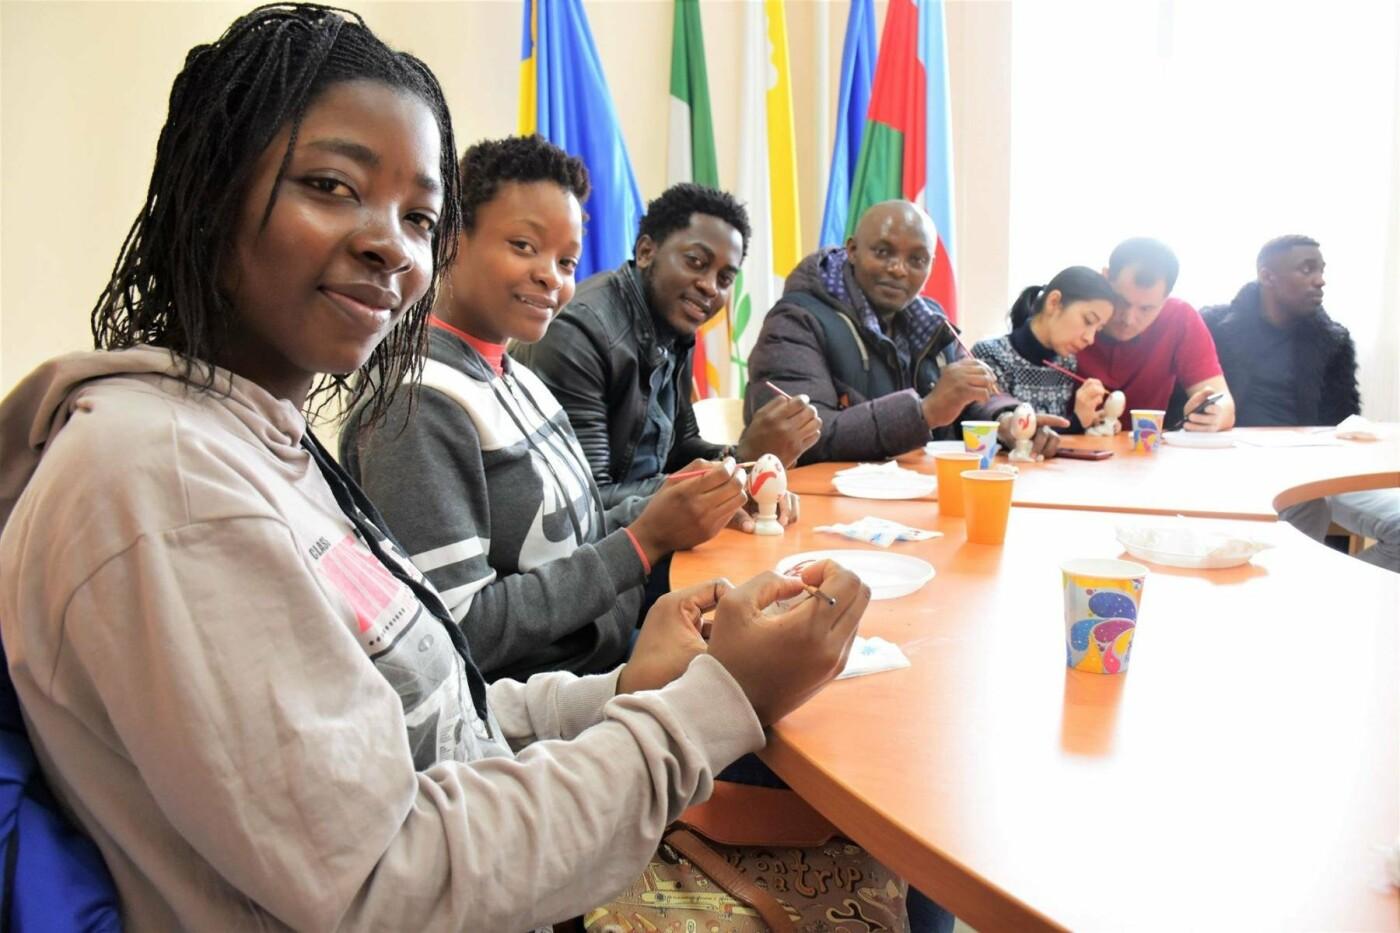 Студенты из Гвинеи и Камеруна отпраздновали окончание подготовительного отделения МГУ,- ФОТО, фото-5